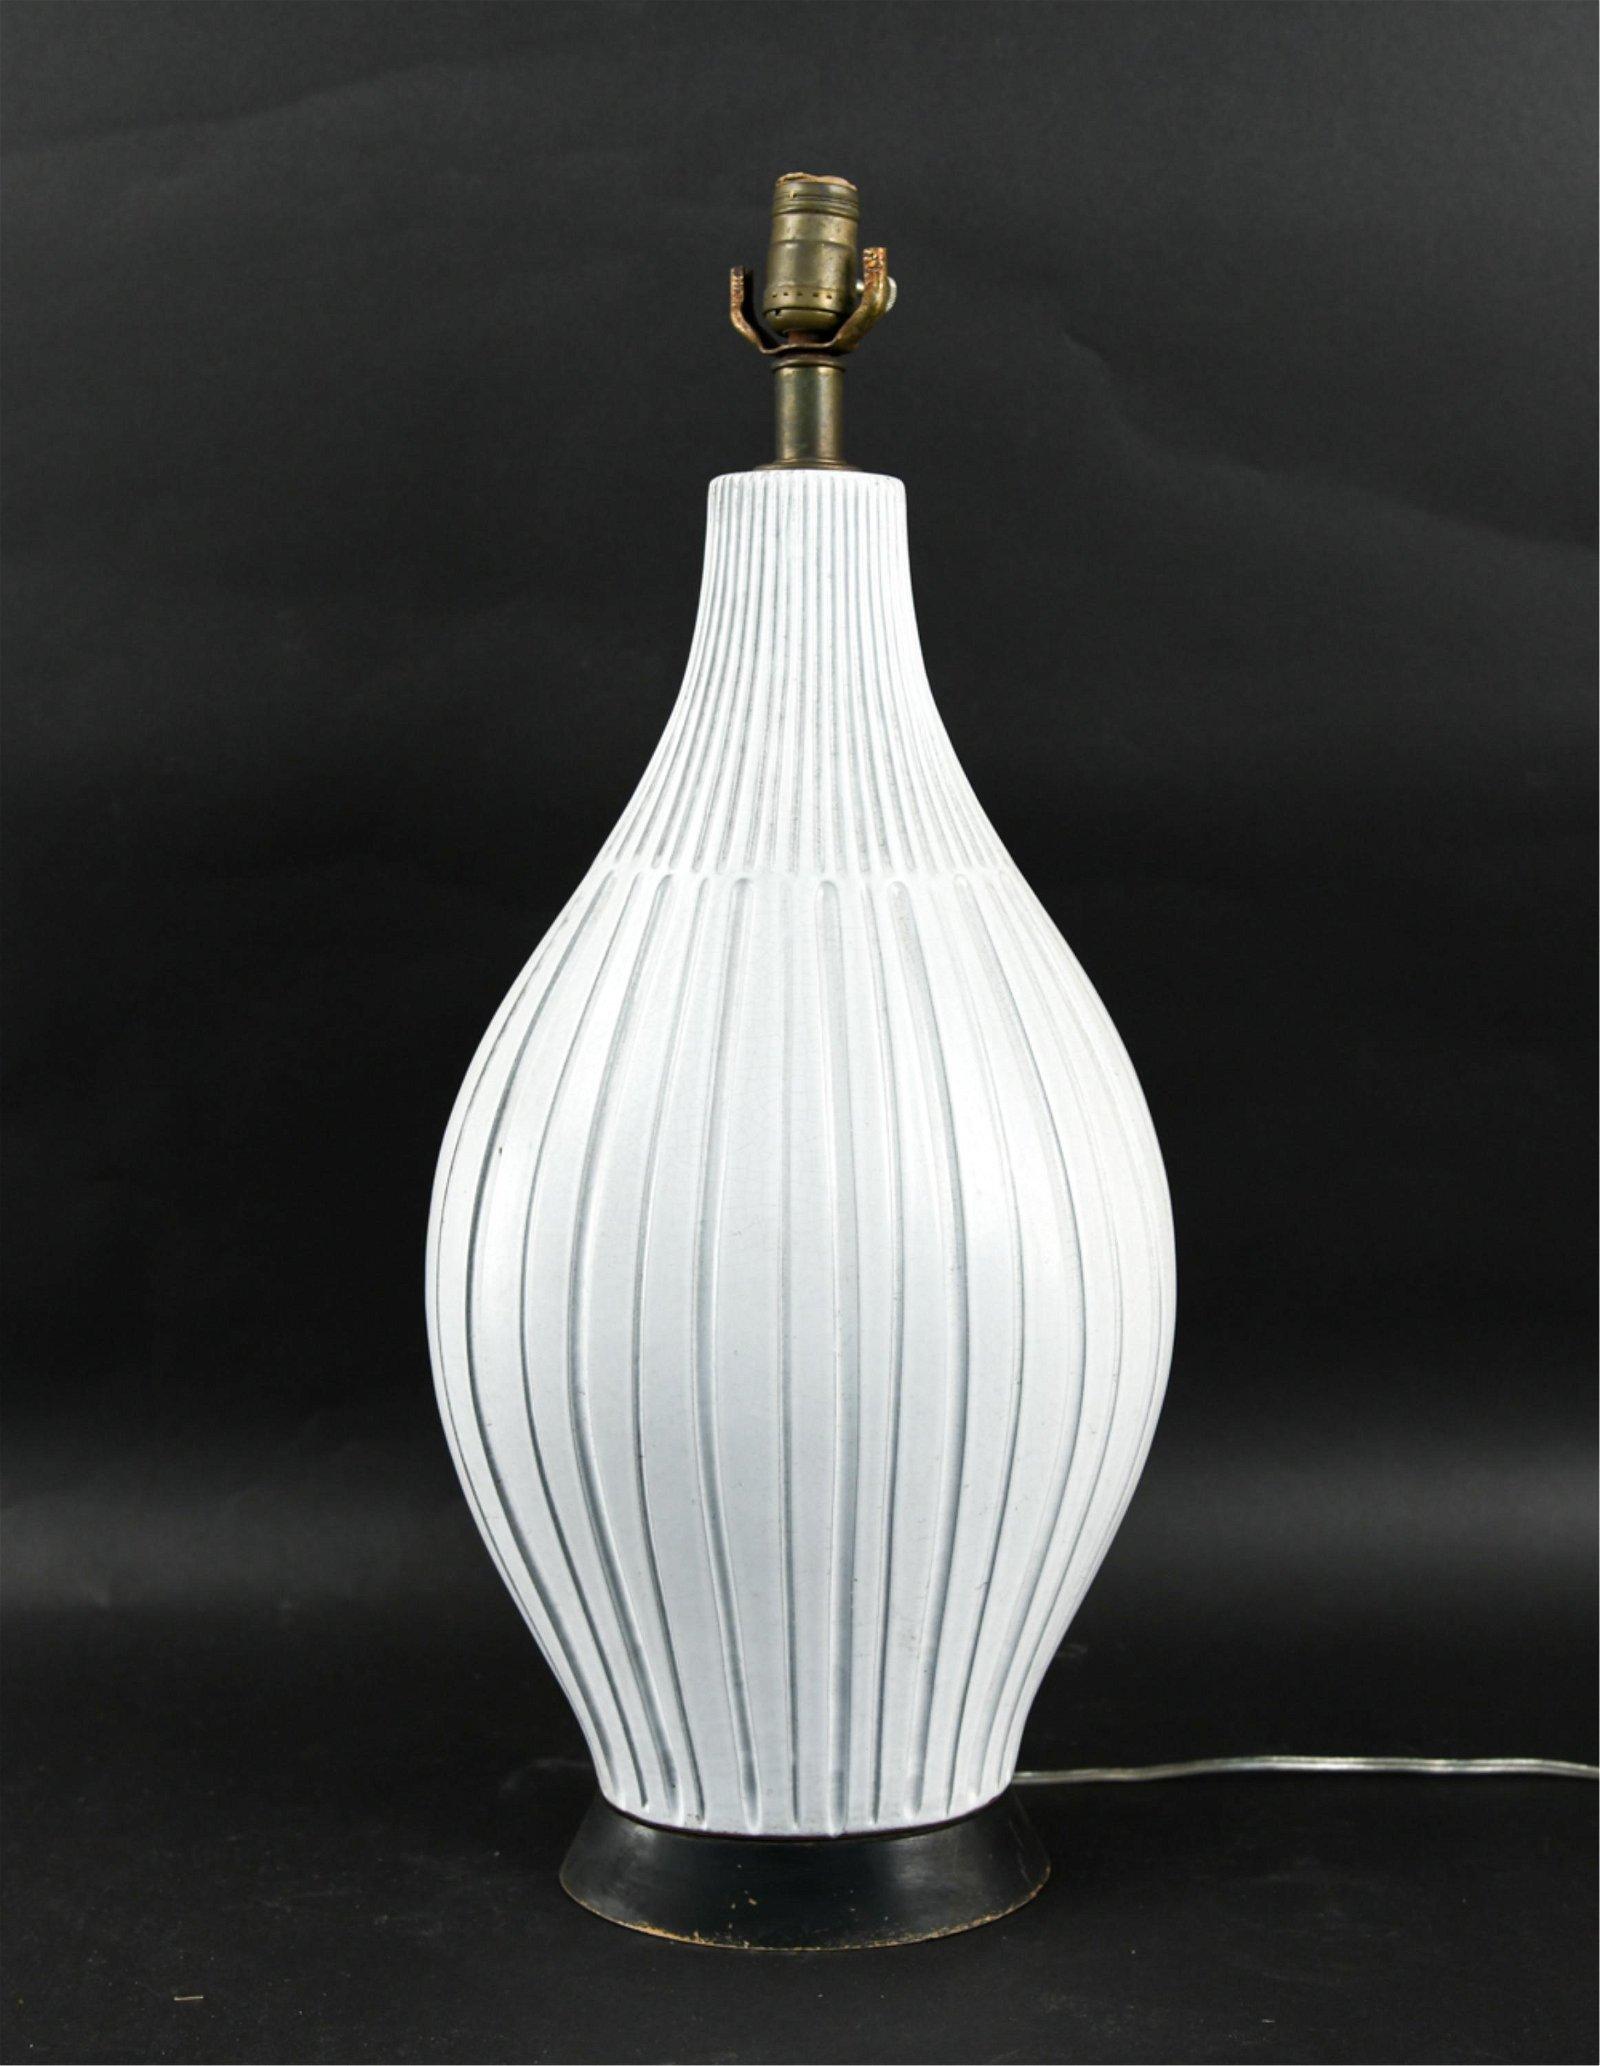 LARGE STUDIO CERAMIC LAMP